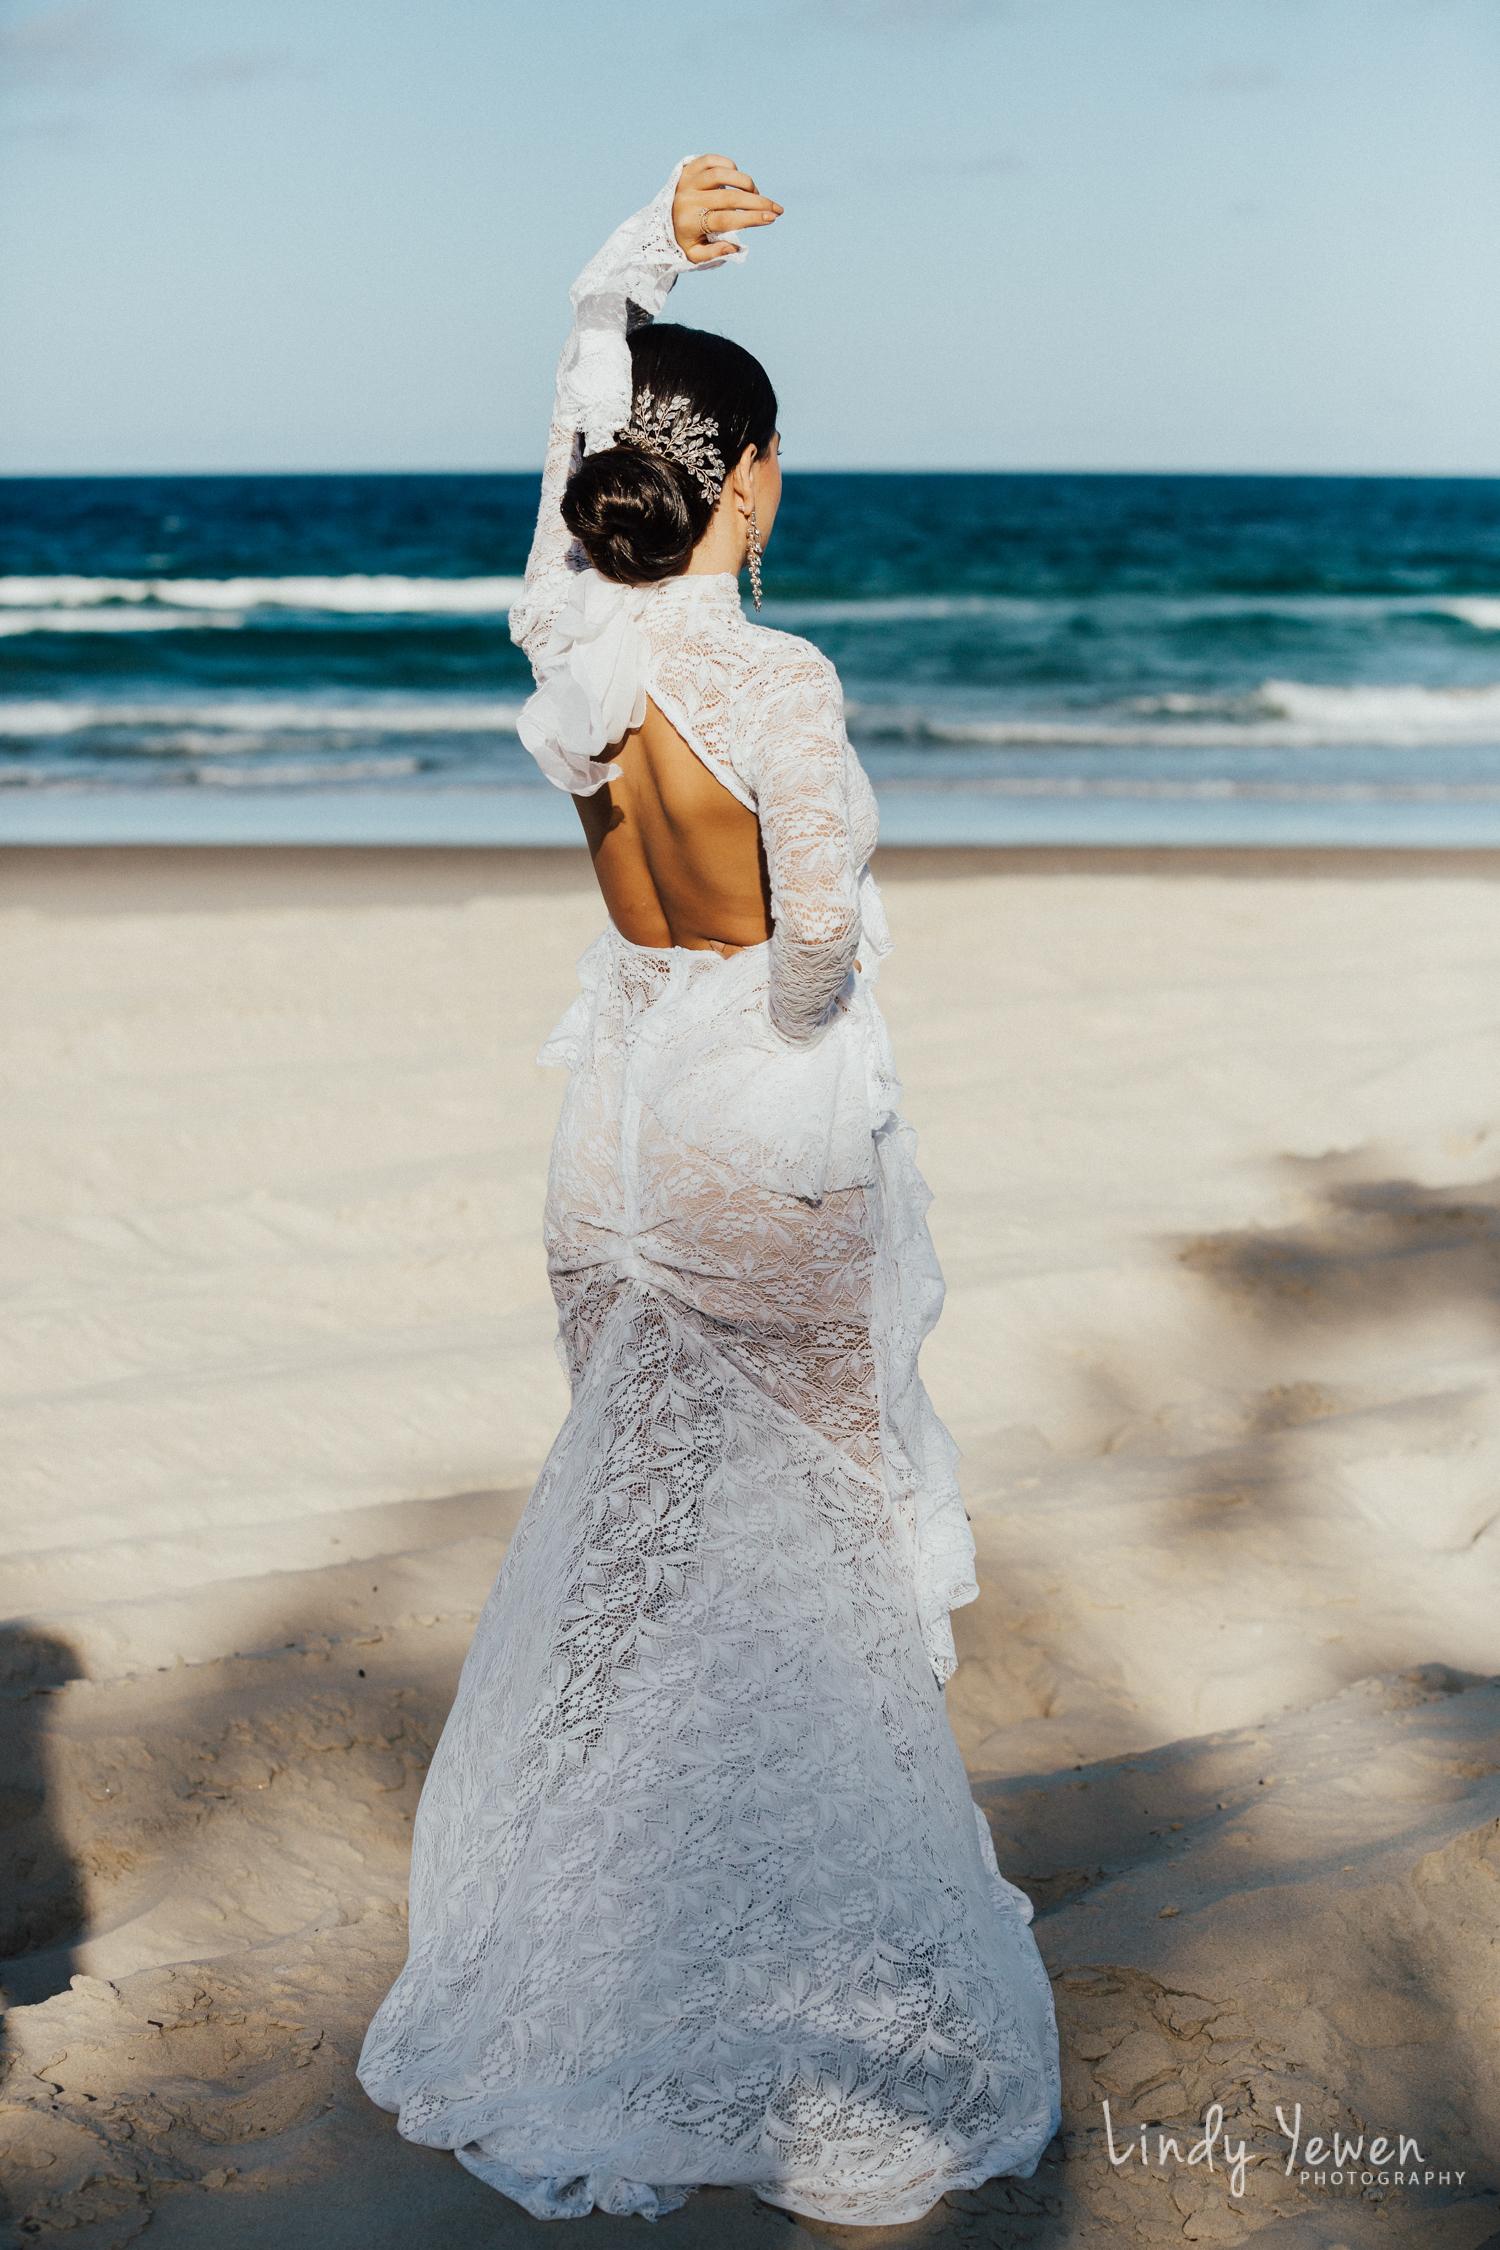 Lindy-Yewen-Photography-Spanish-Wedding 70.jpg